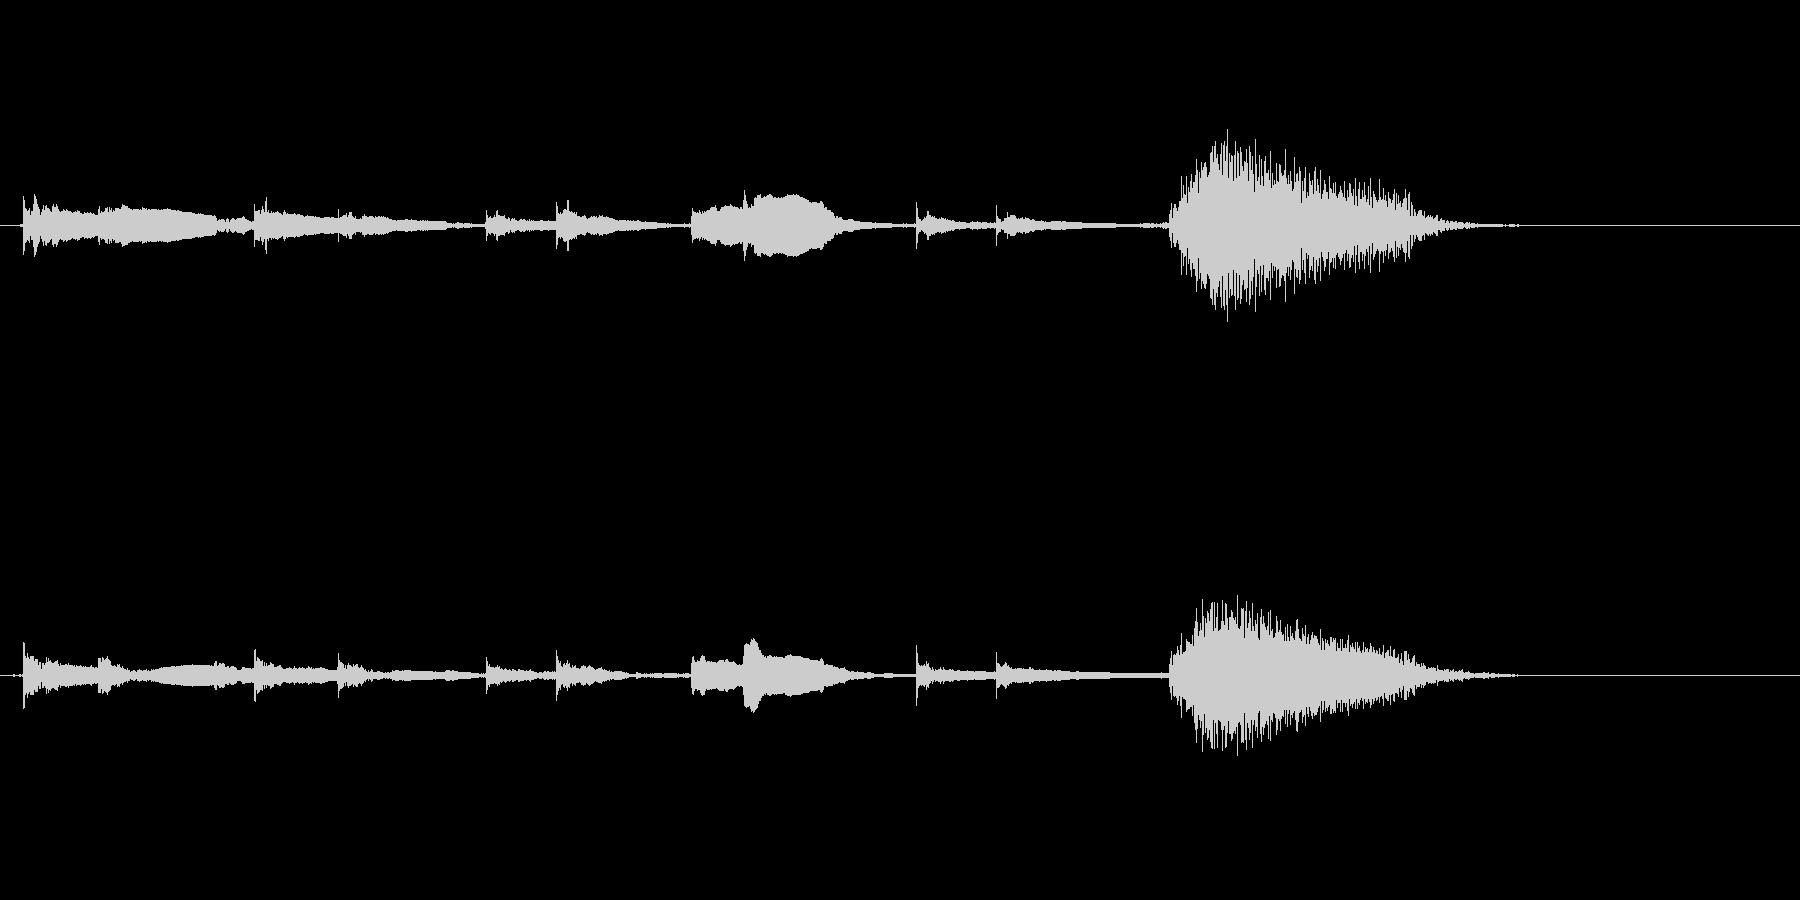 エレキギターチューニング リバーブの未再生の波形